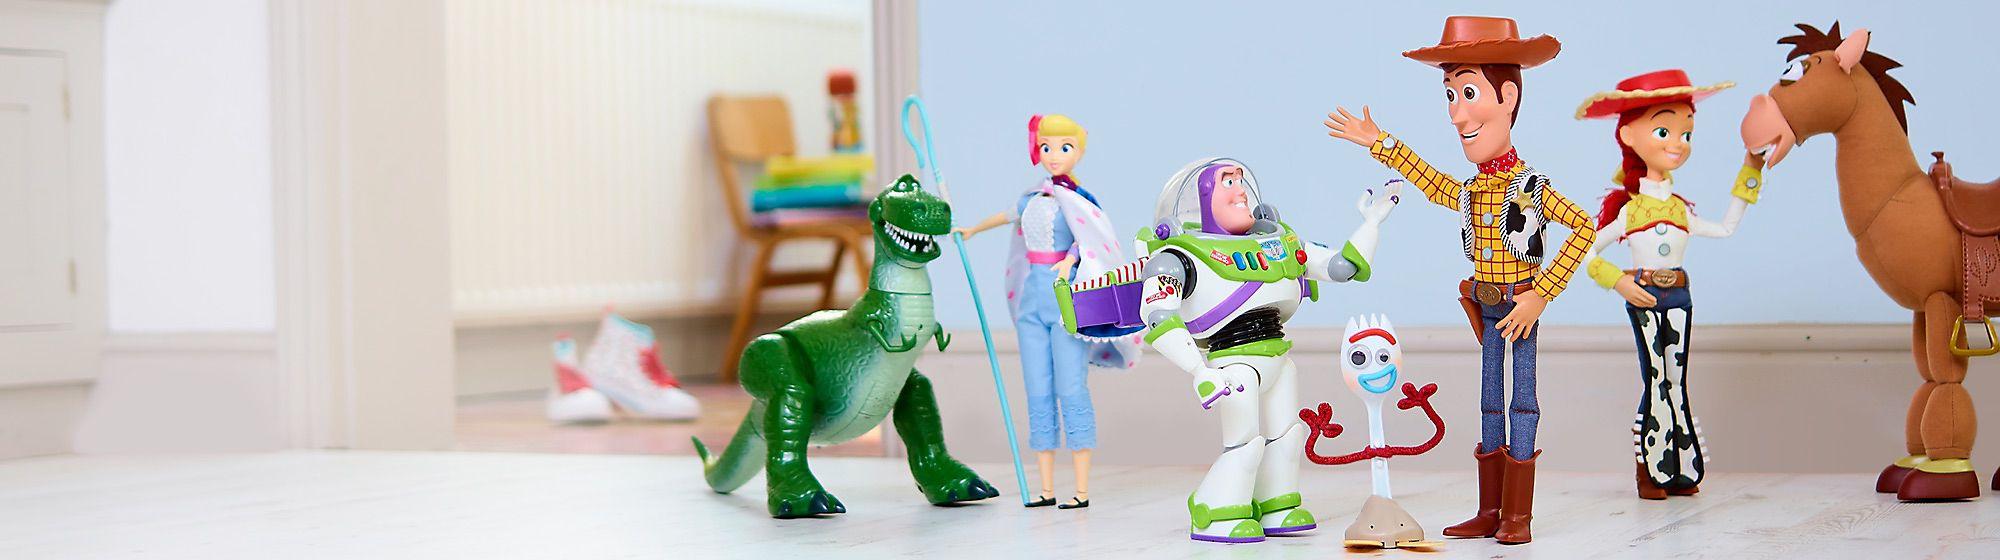 Disney•Pixar La casa degli articoli Disney Pixar è qui! Vieni a dare un'occhiata all'ampia gamma di prodotti targati Pixar, tra cui peluche, figure, playset, articoli per la casa e tanto altro ancora